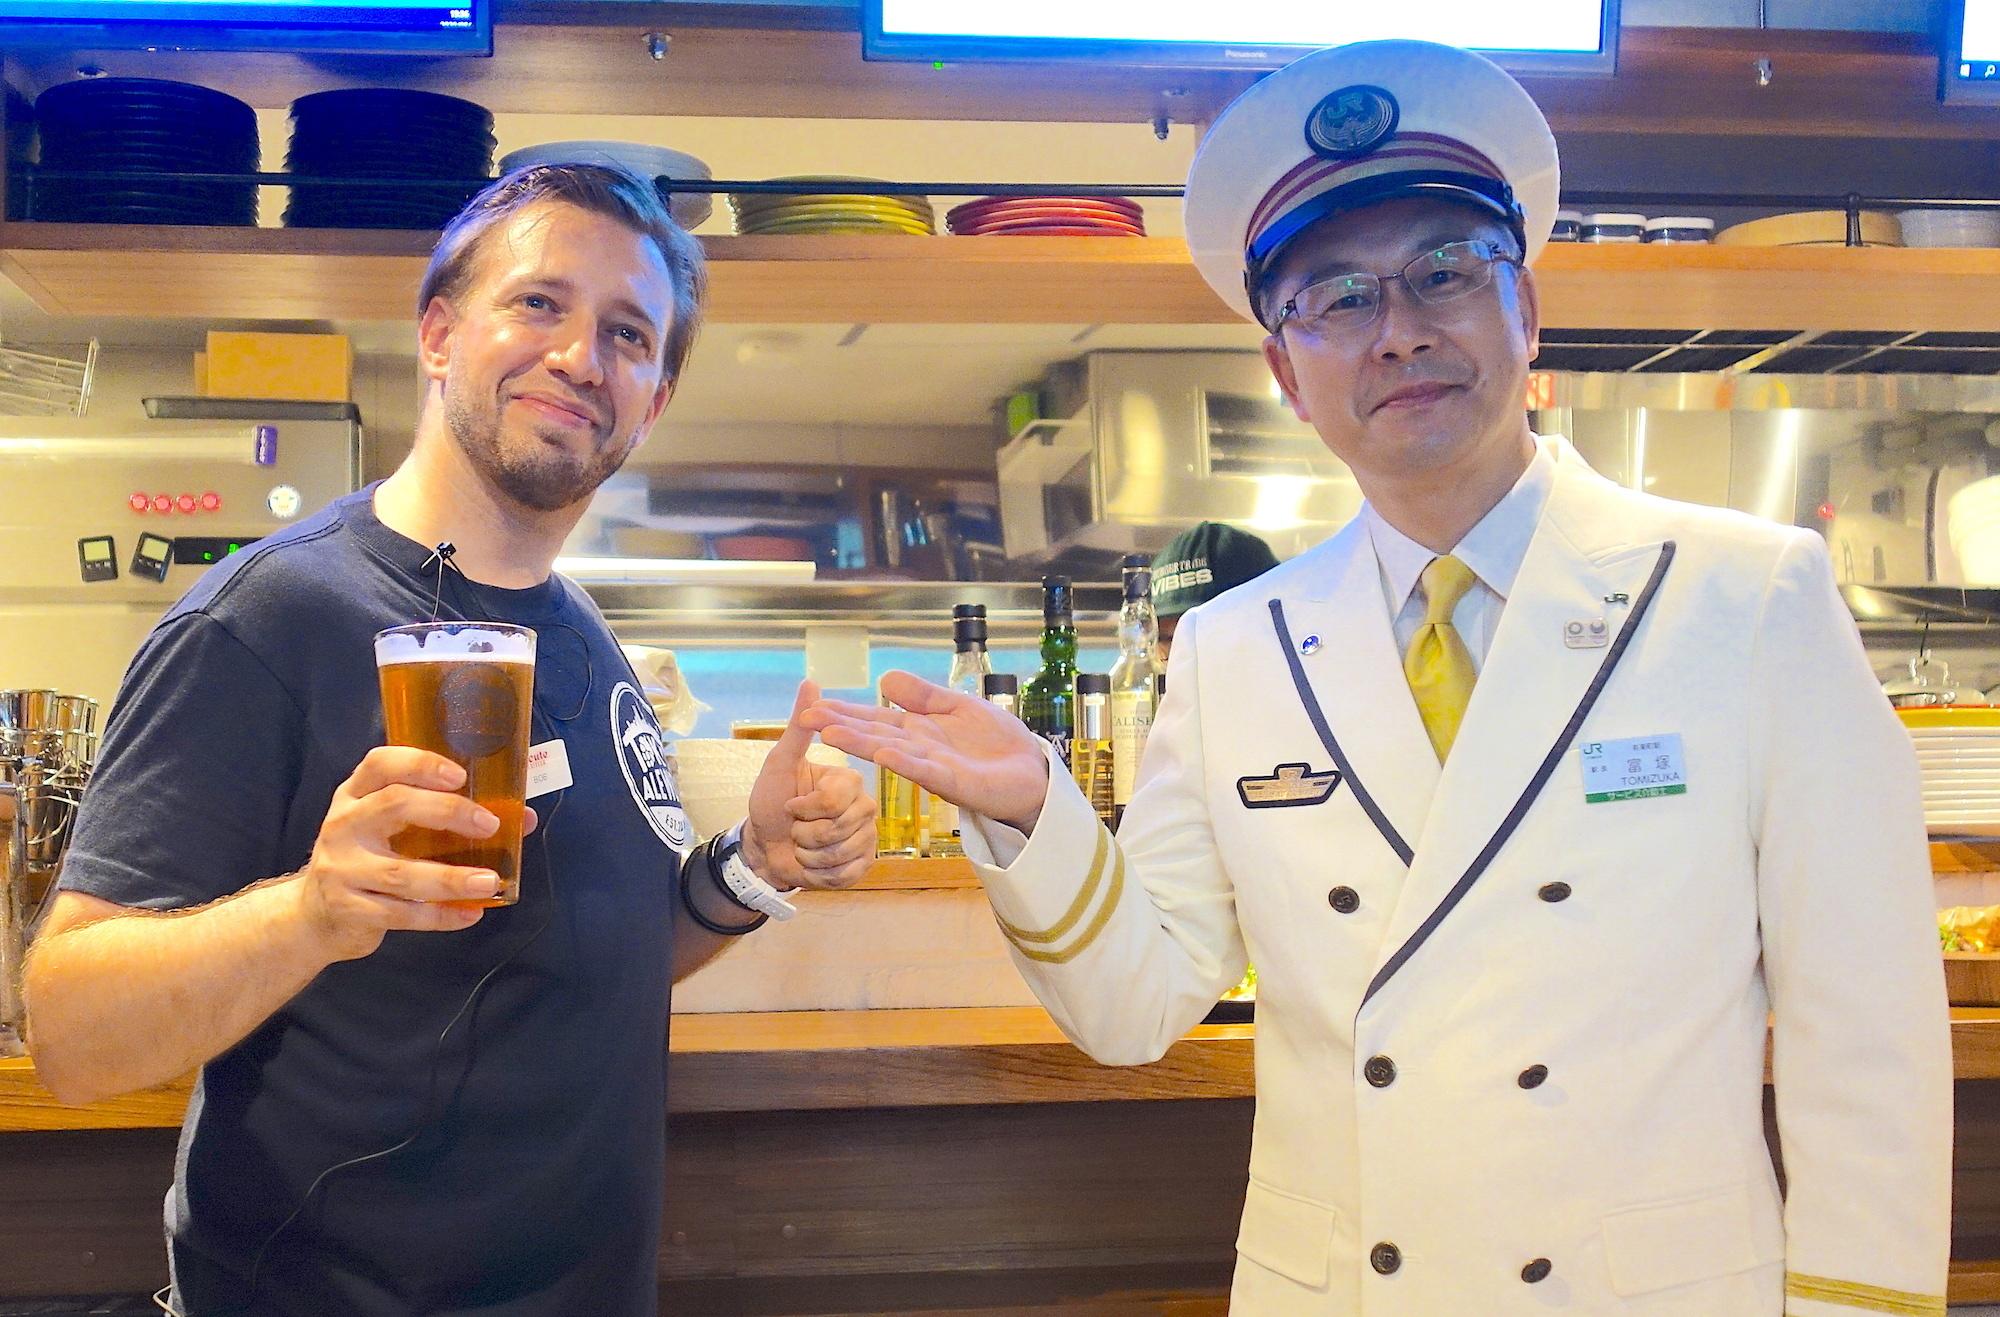 駅員が開発に参加、東京エールワークスが有楽町にオープン